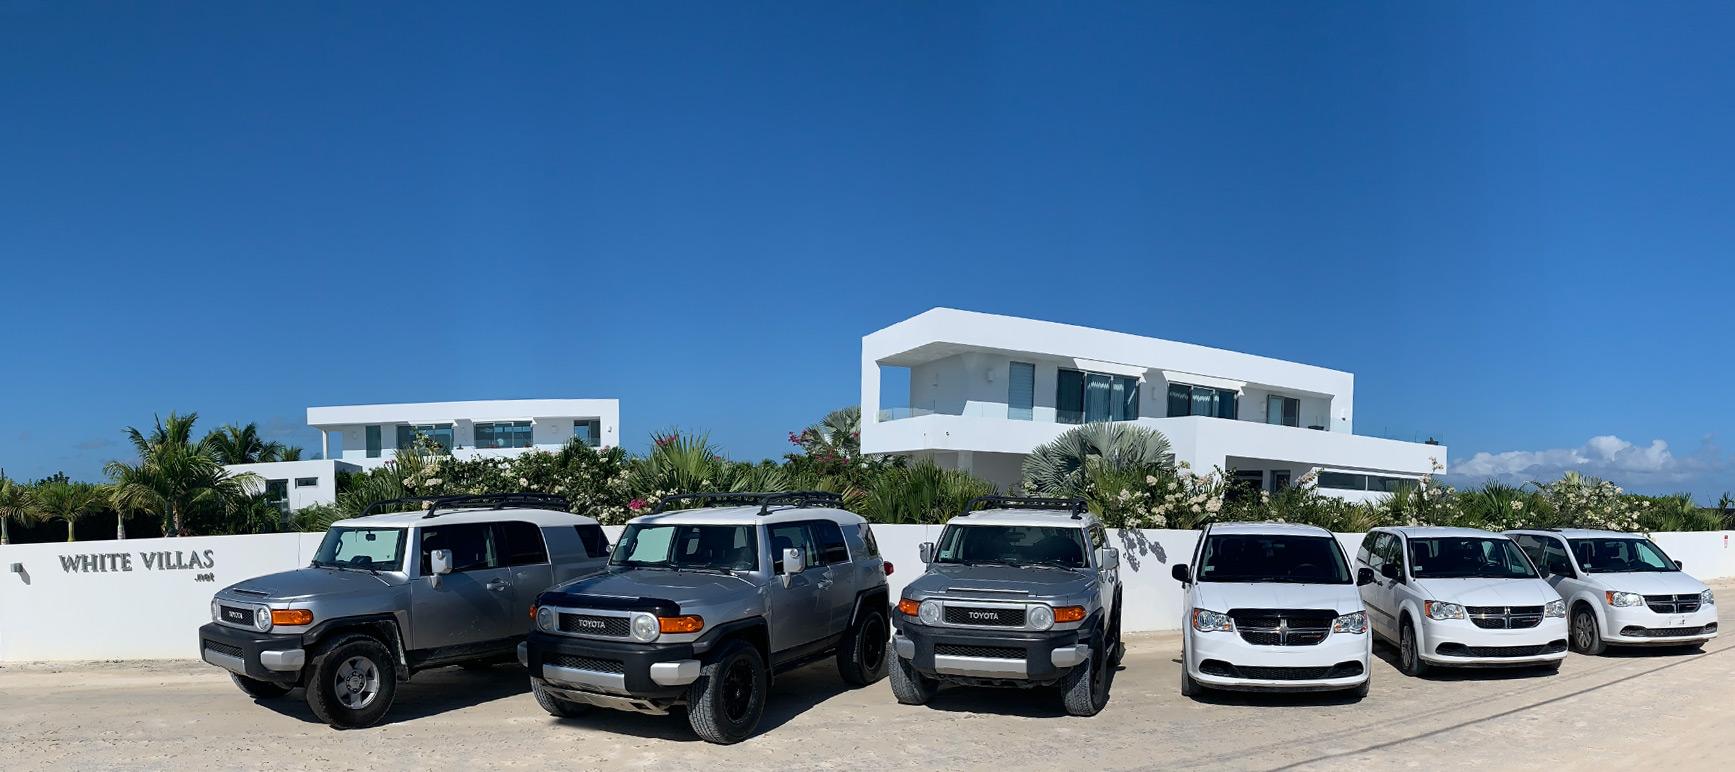 White Villas' Vehicles